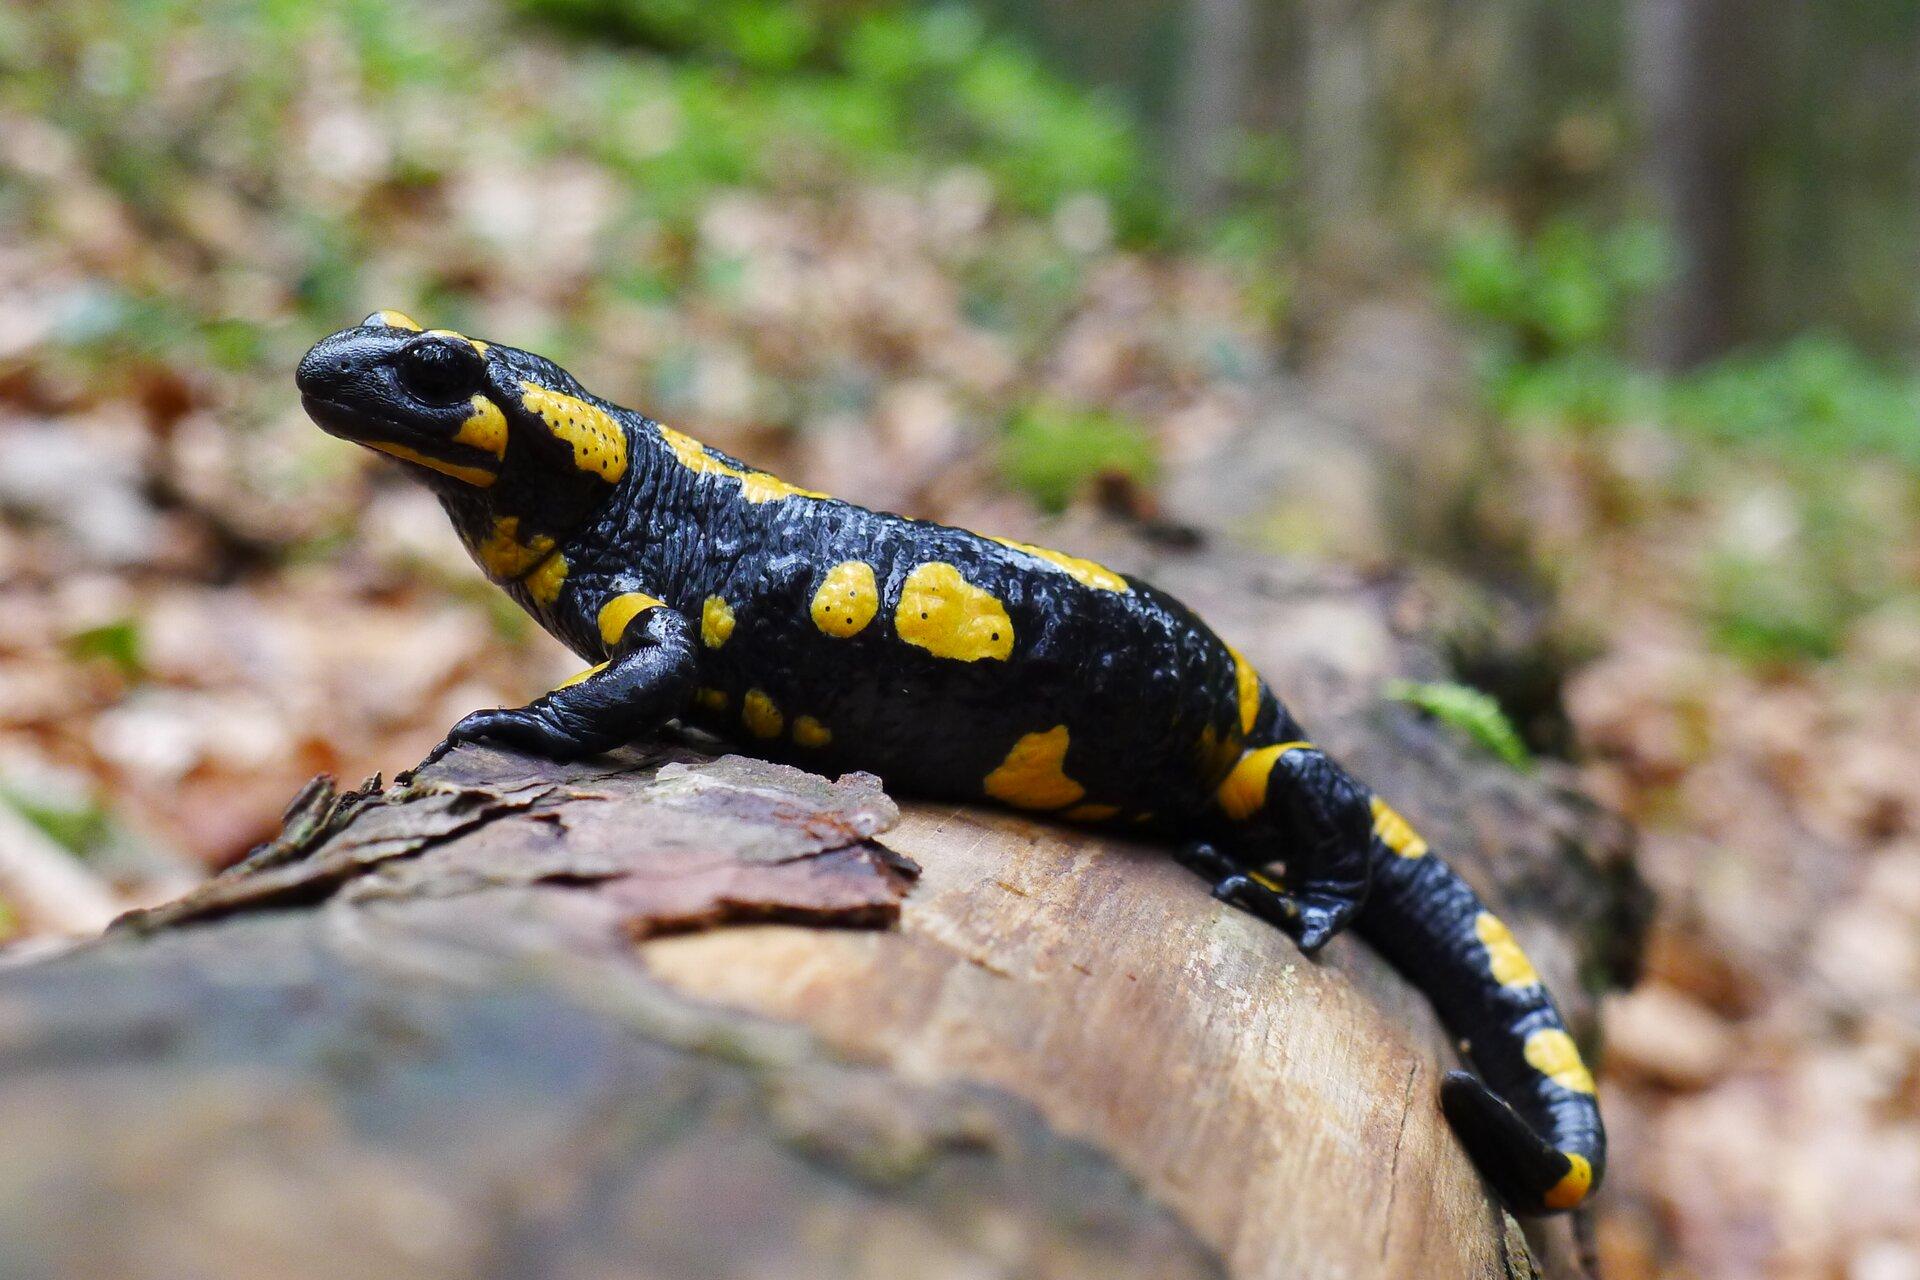 Salamandra plamista. Zwierzę ma krępe ciało czarne zżółtymi plamami onieregularnym kształcie. Na głowie duże czarne oczy. Kończyny są krótkie.